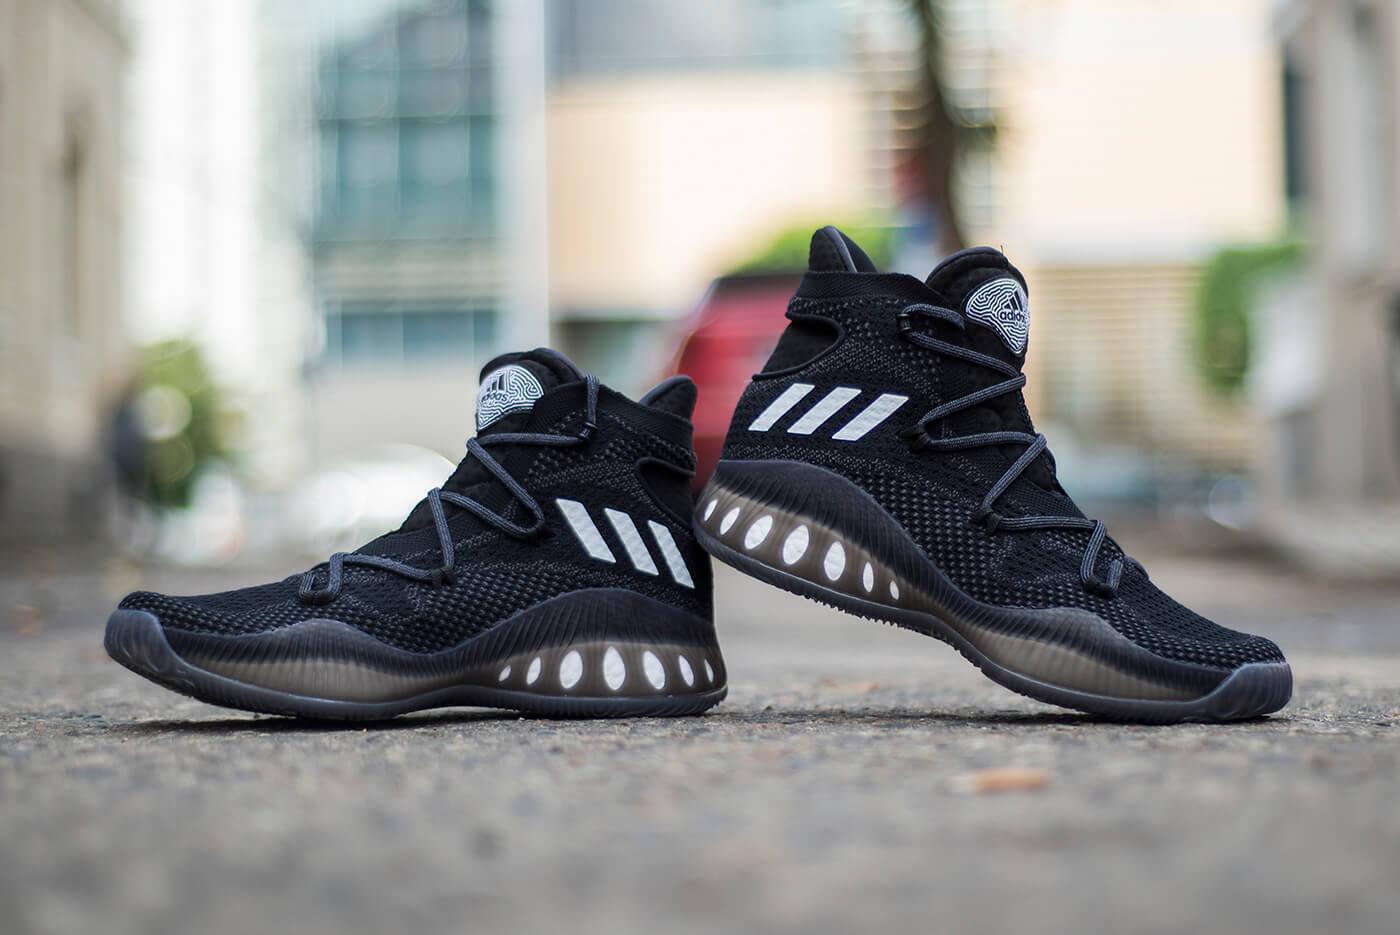 Adidas pazzo esplosivo 1,0 primeknit pk 1,0 esplosivo sz 9.bianchi e neri.b42404.ultra impulso 63fff4